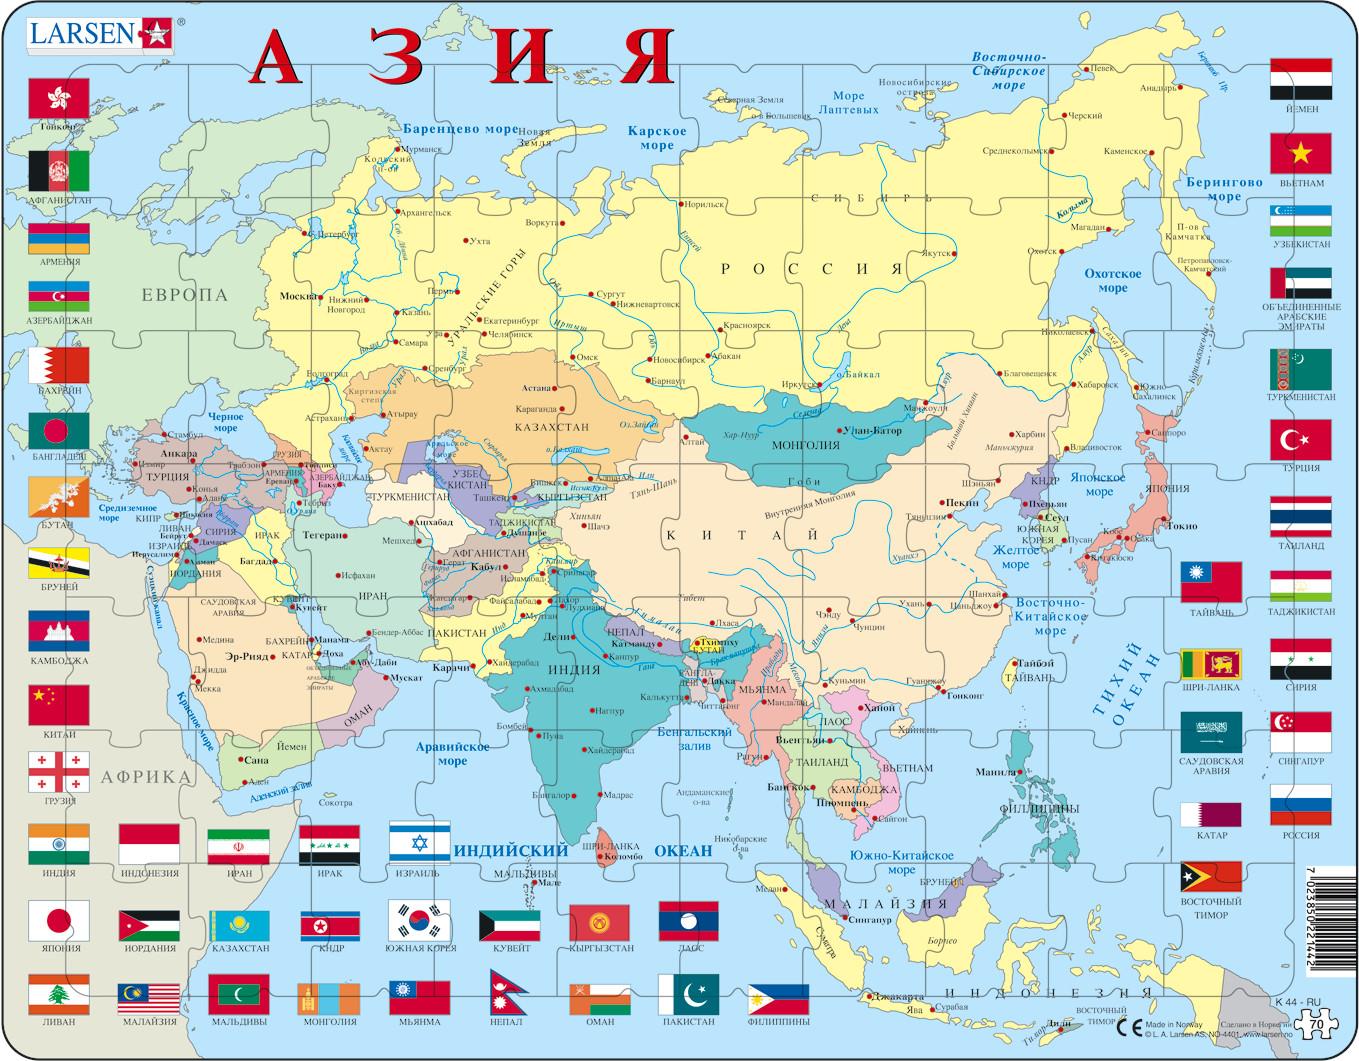 Политическая и географическая карта Азии на русском языке ...: http://webmandry.com/politicheskaya-i-geograficheskaya-karta-azii-na-russkom-yazyke/